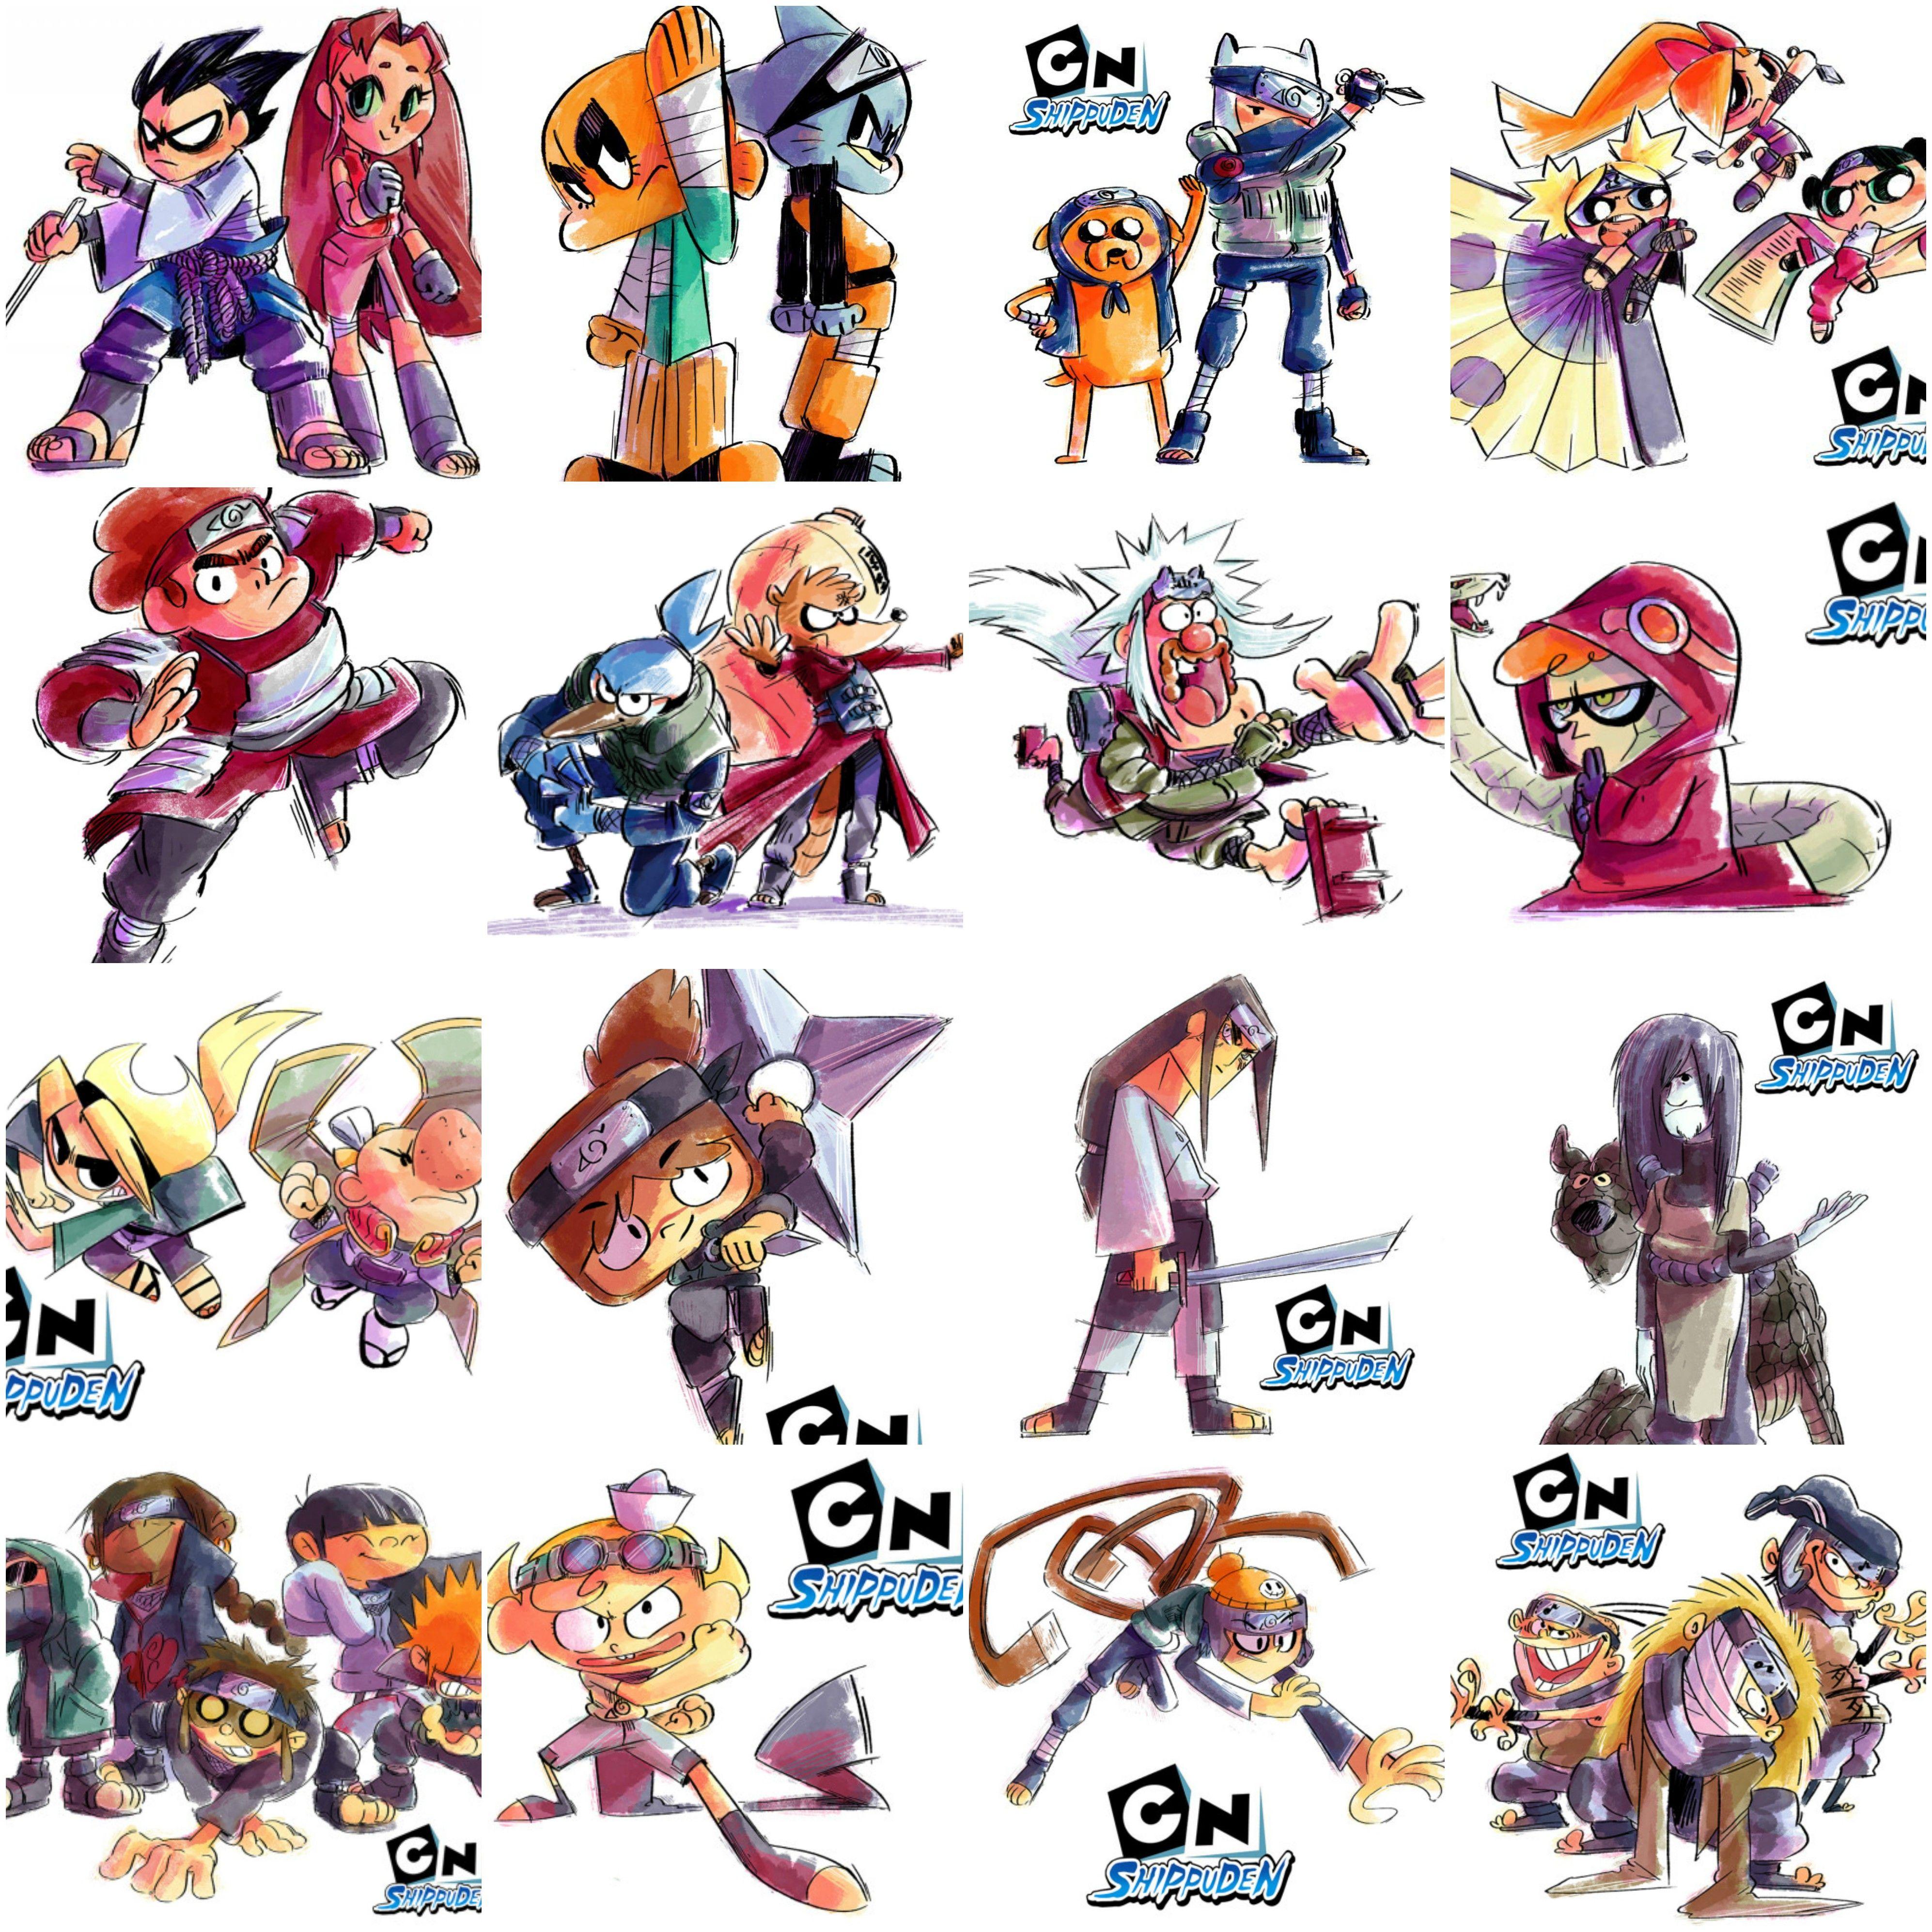 Cartoon Network Characters As Naruto Shippuden Arte Com Desenhos Animados Esbocos Da Arte Desenhos Animados